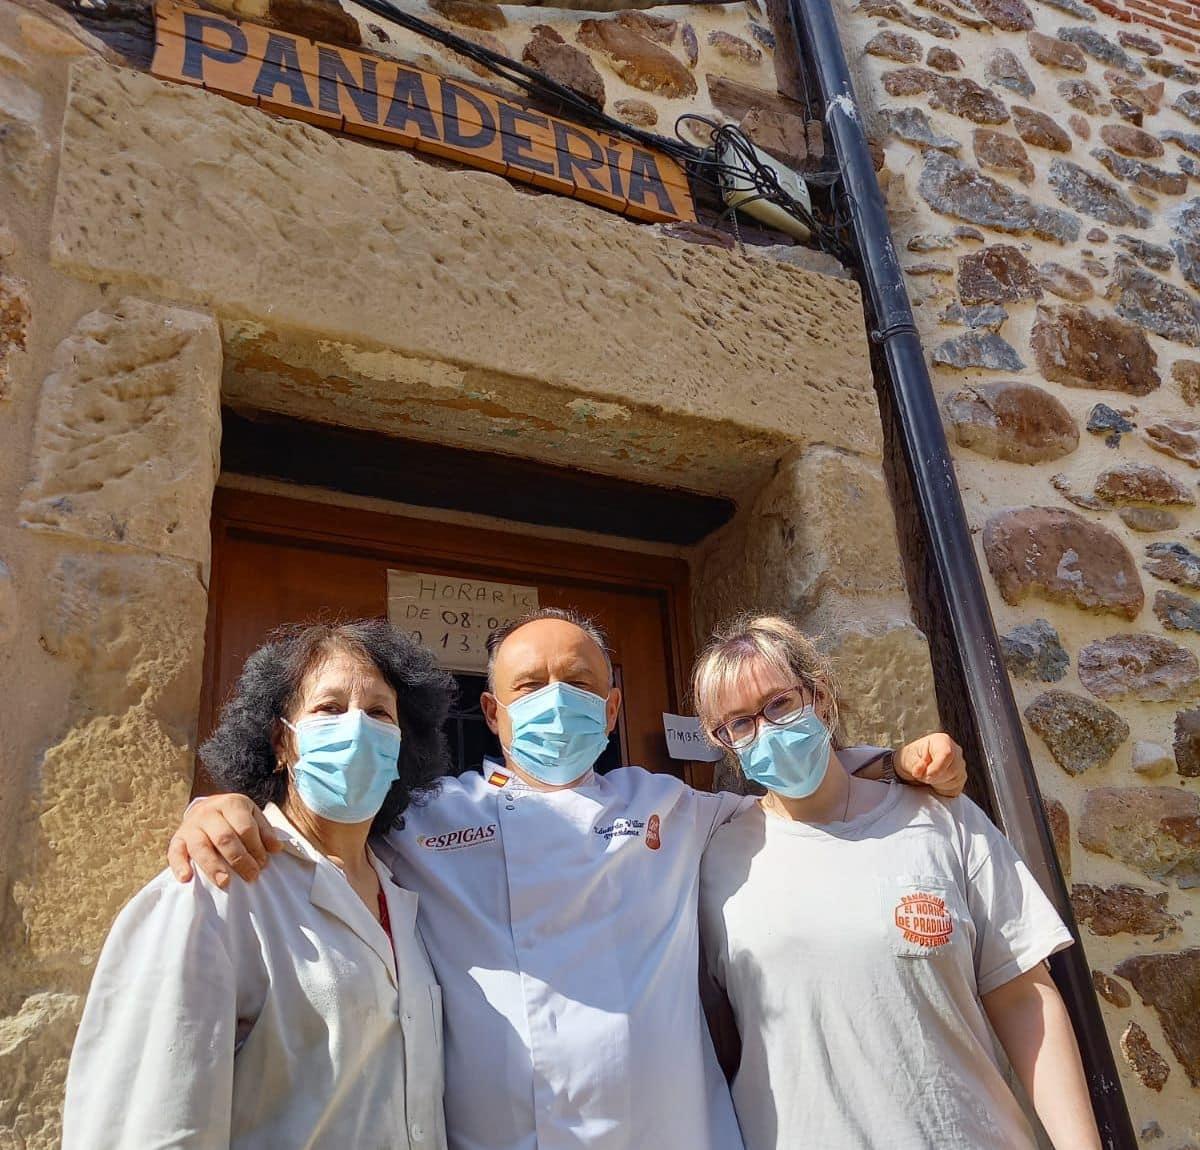 ARFEPAN reclama ayudas para las panaderías artesanas en el medio rural de La Rioja 1